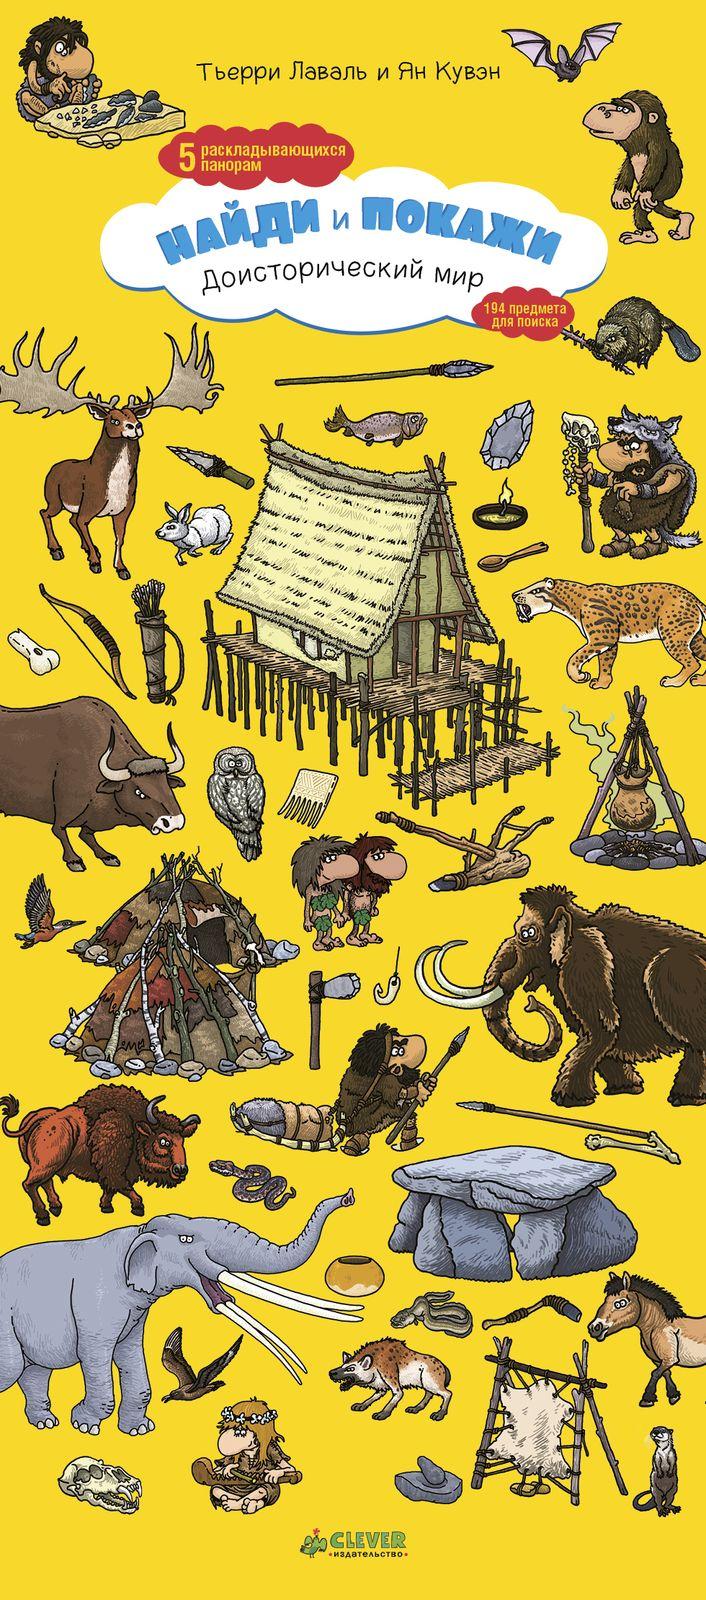 Купить Доисторический мир. Найди и покажи, Издательство Клевер